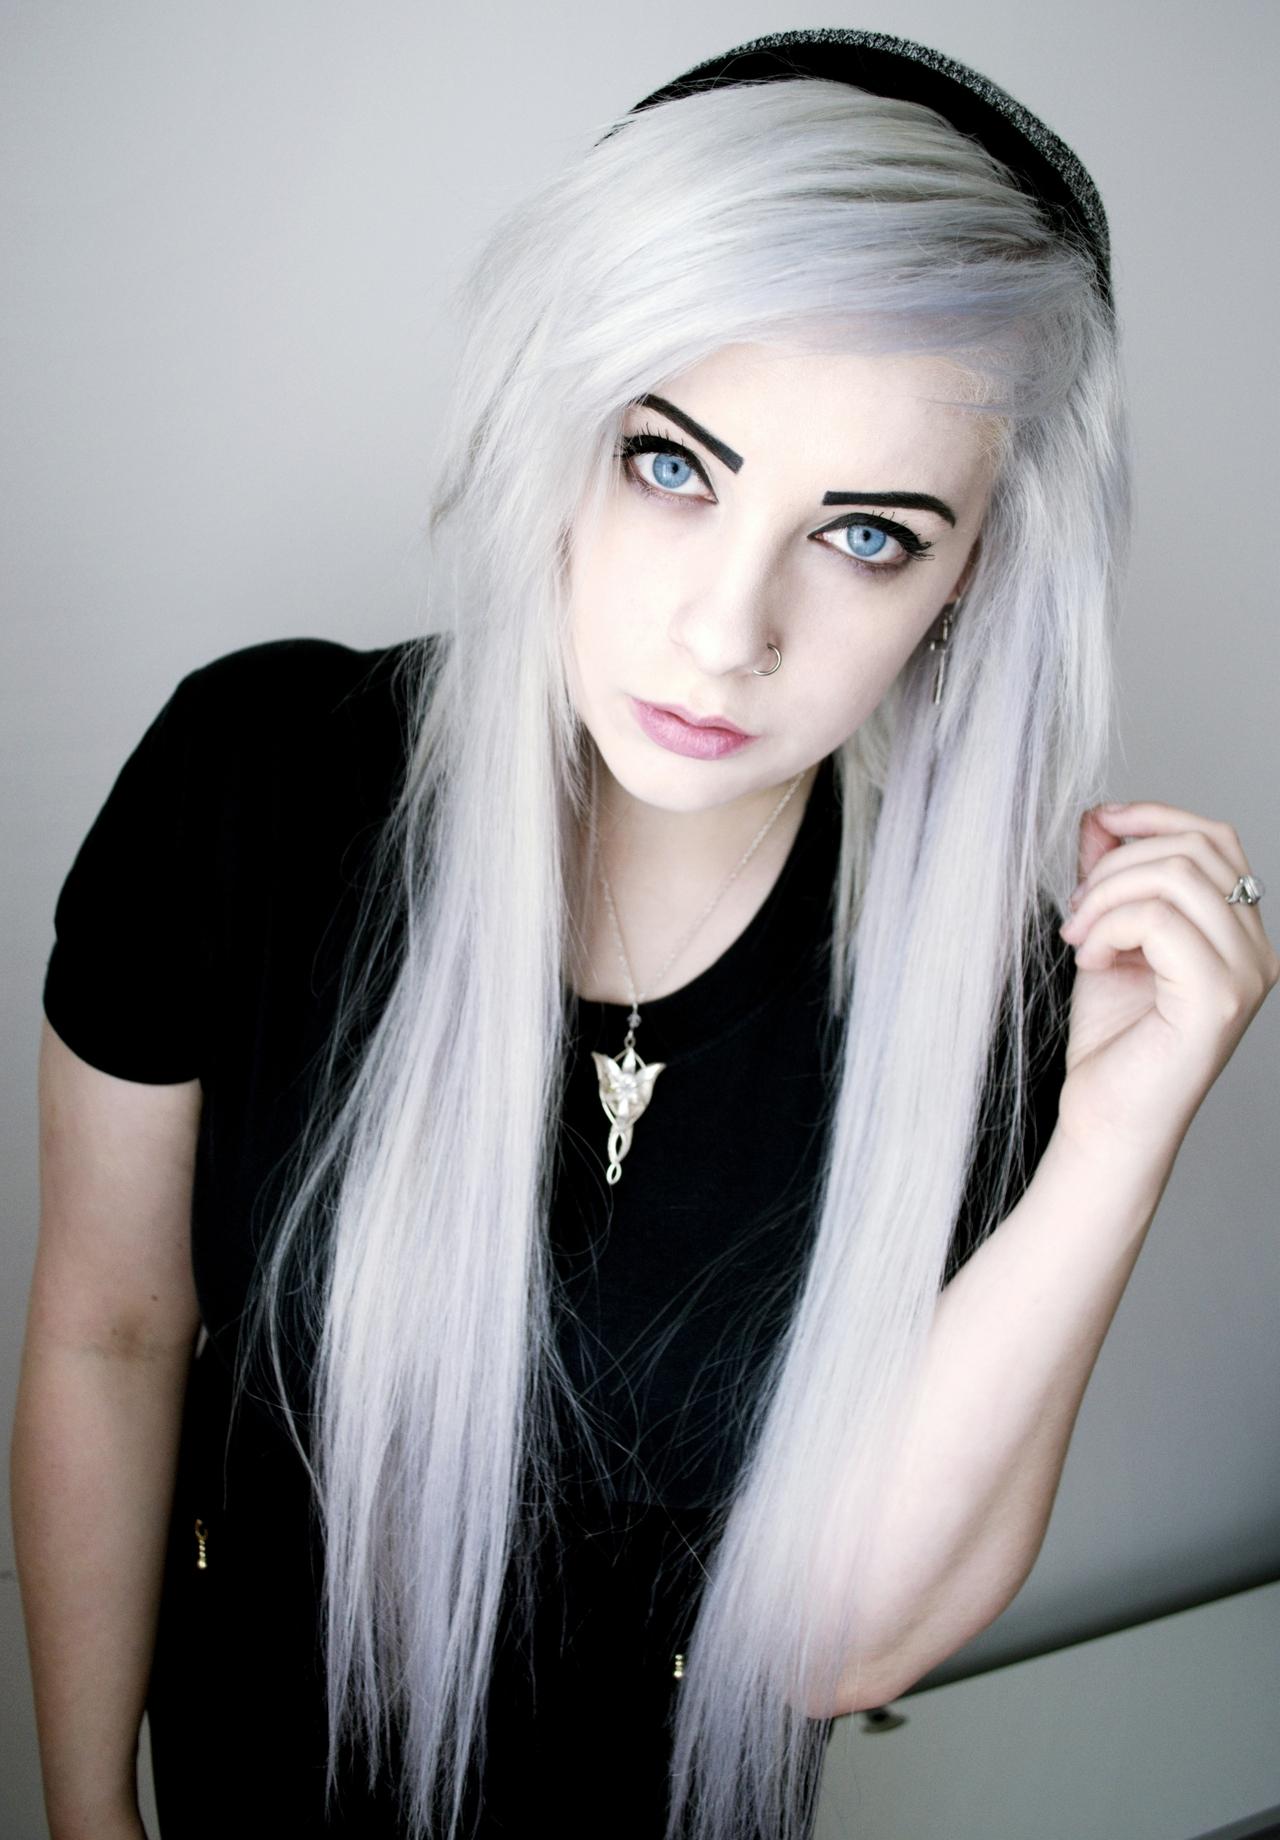 картинки девушек 15 парение не без;  белыми волосами